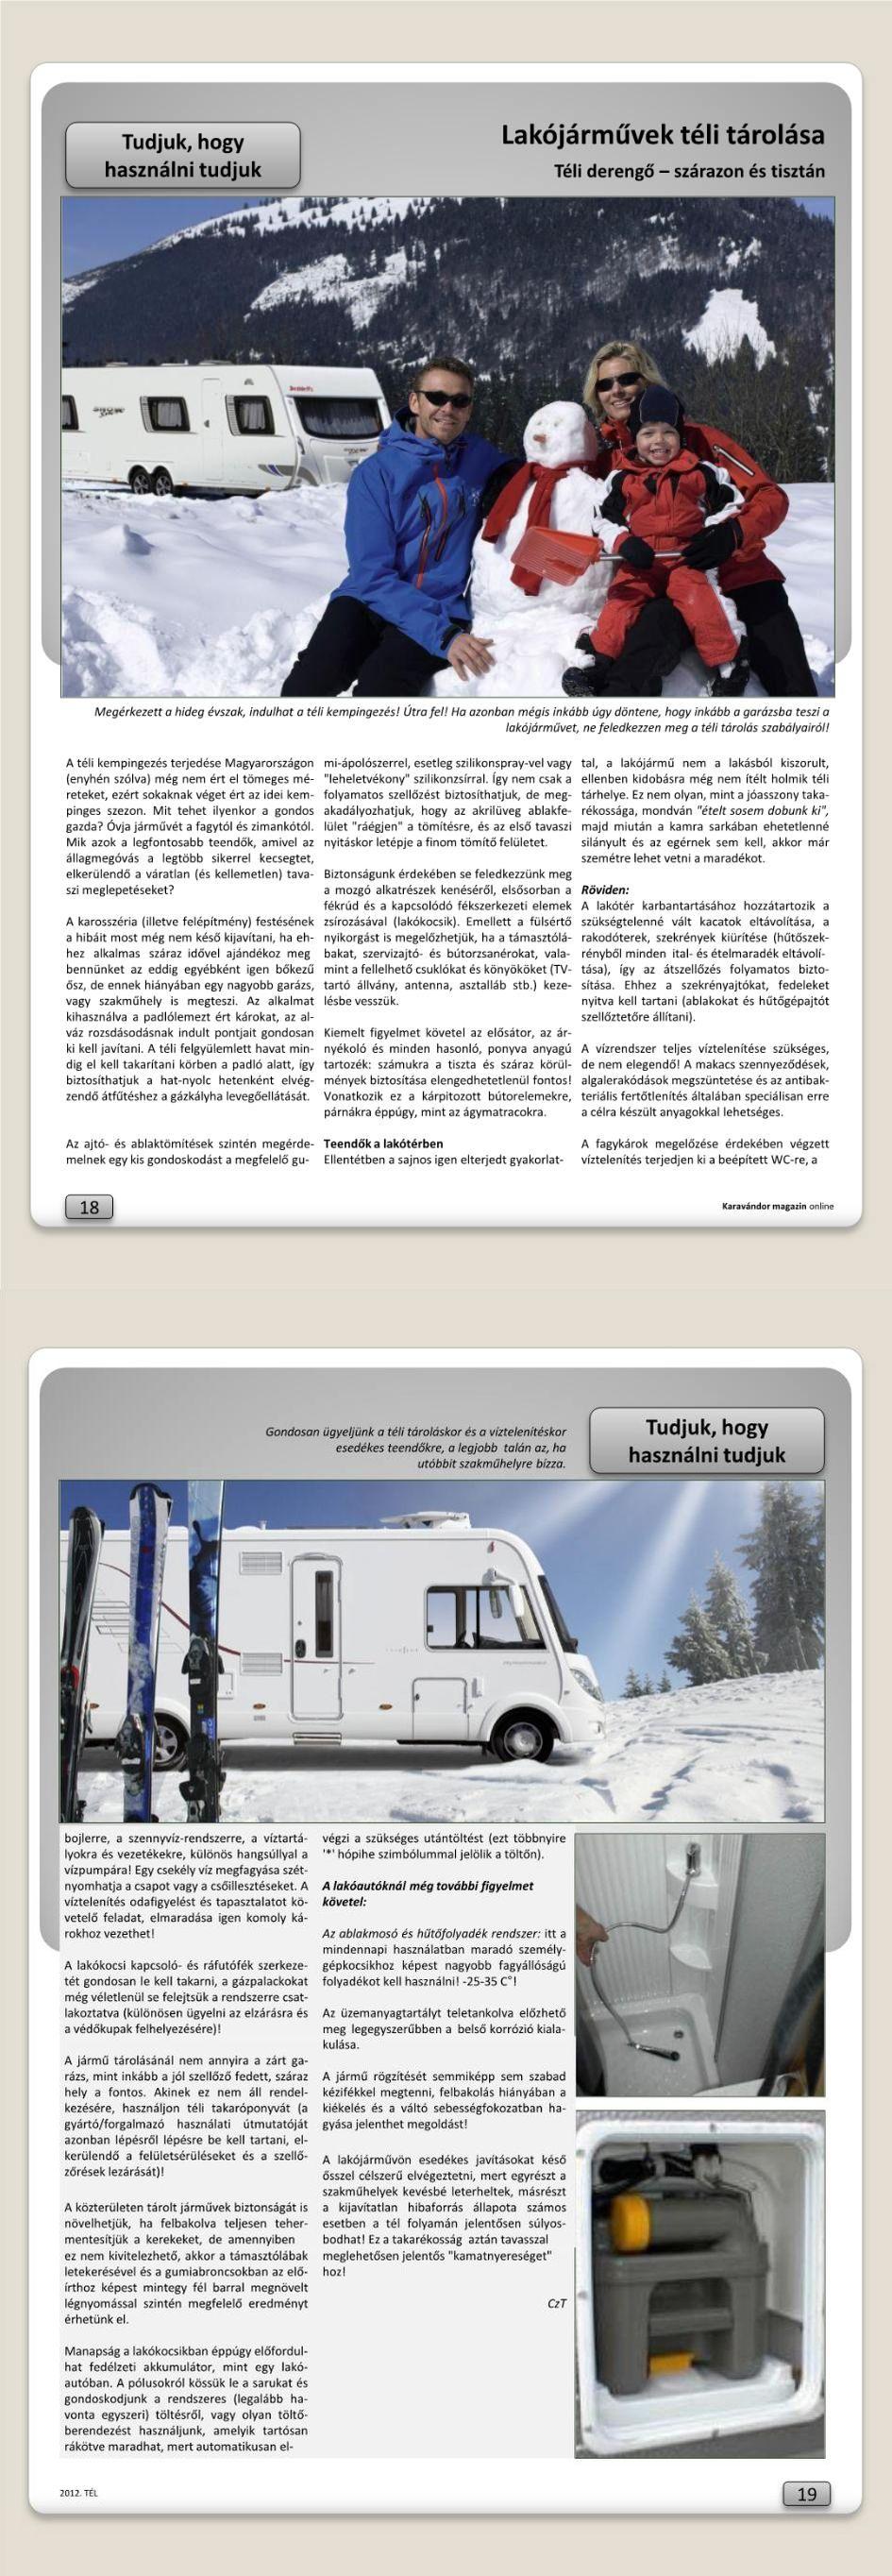 Tudjuk, hogy használni tudjuk - Lakójárművek téli tárolása